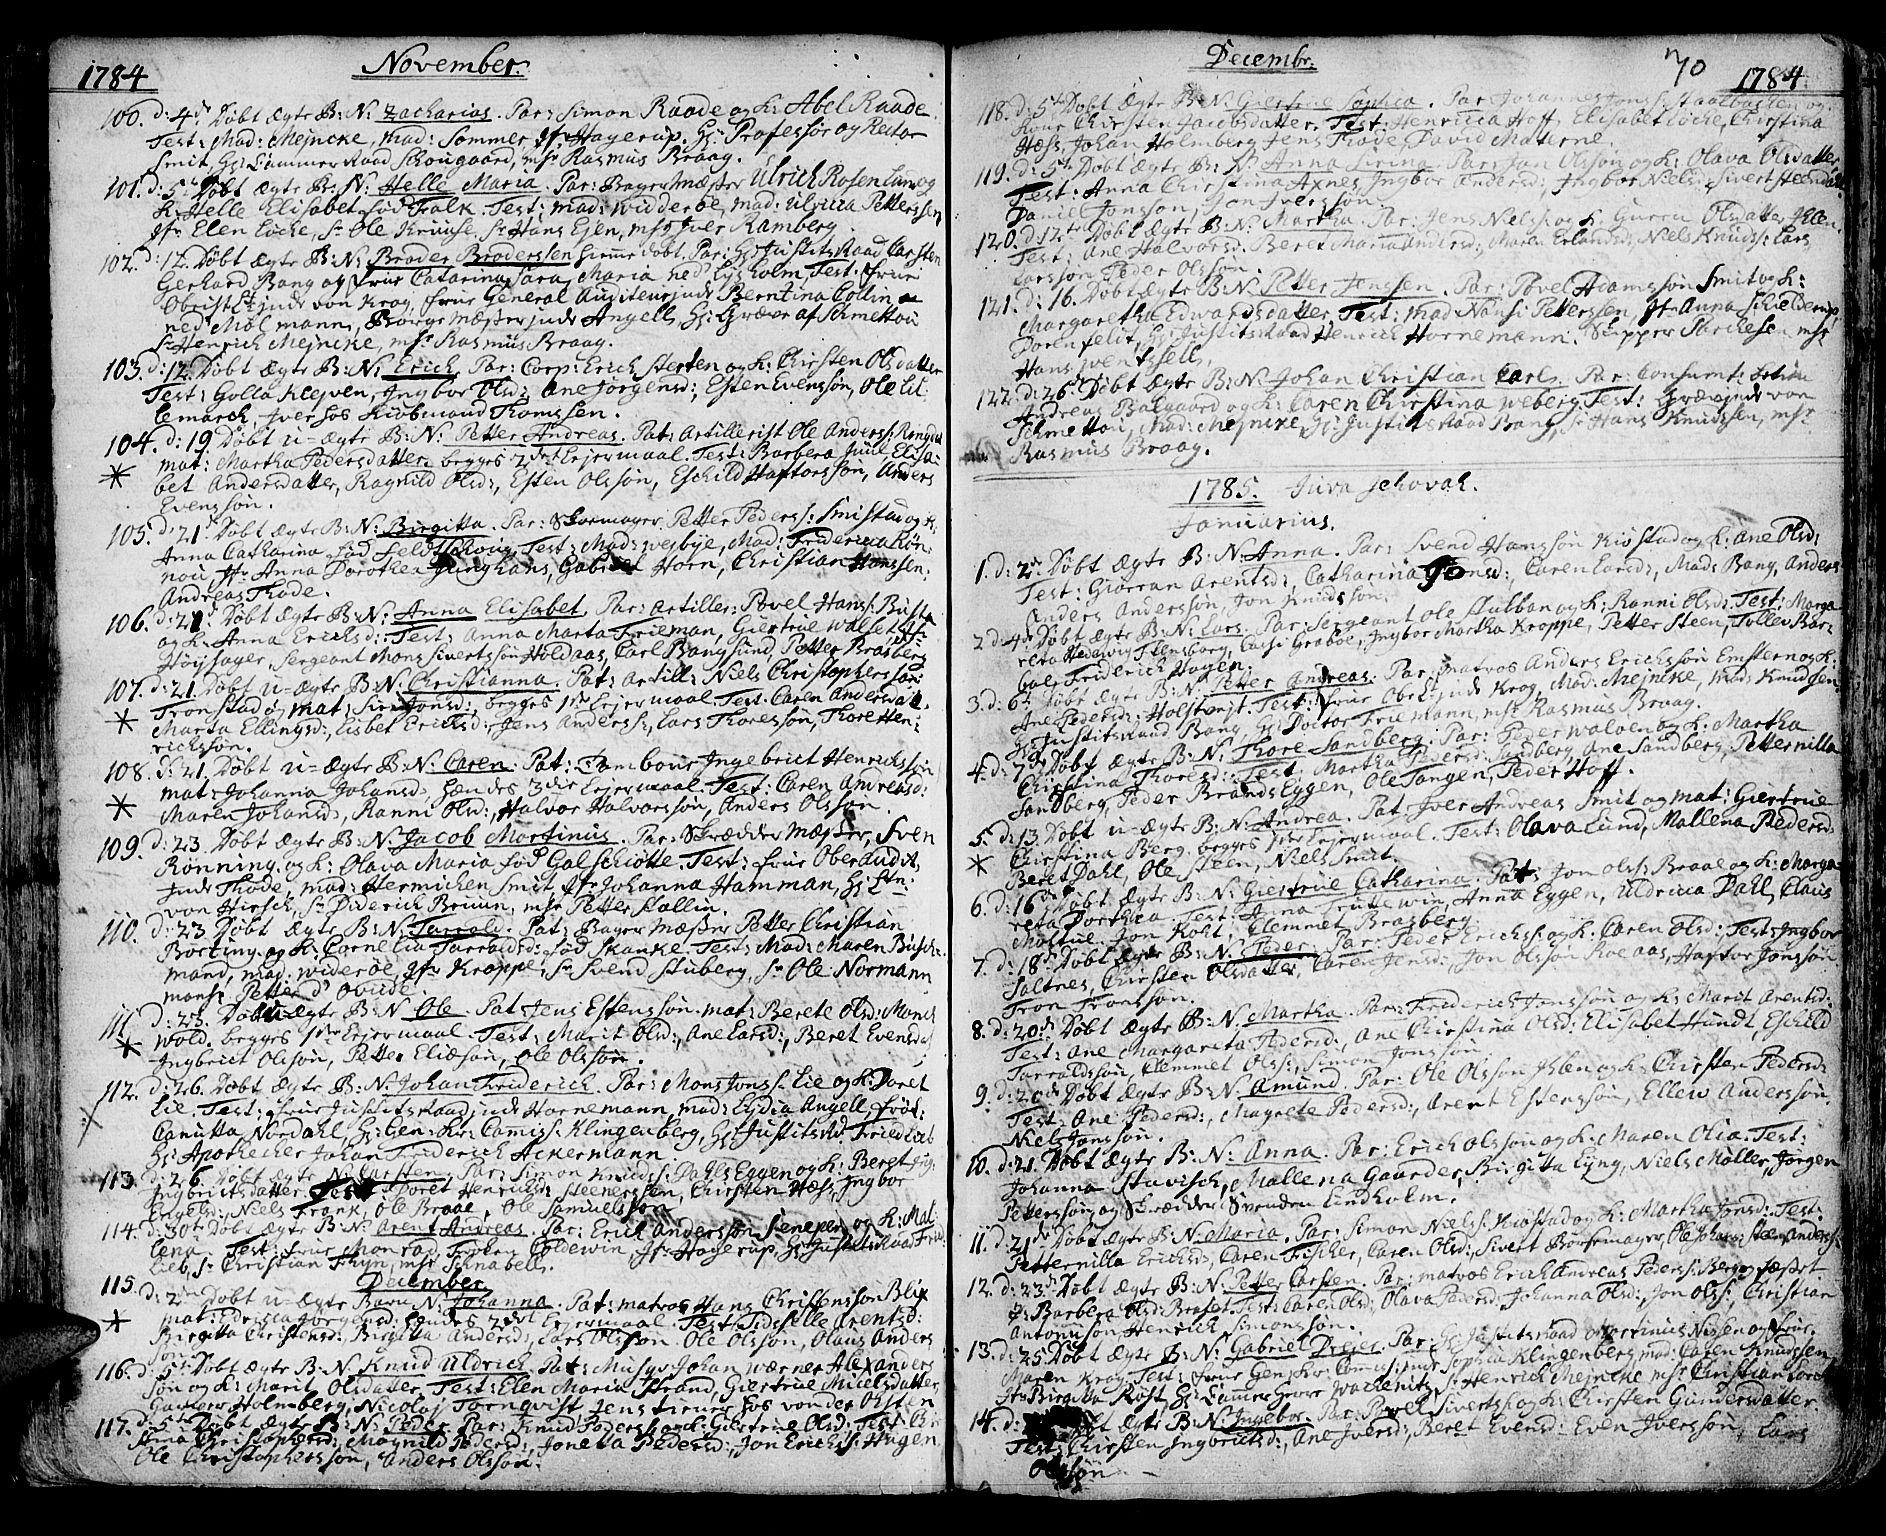 SAT, Ministerialprotokoller, klokkerbøker og fødselsregistre - Sør-Trøndelag, 601/L0039: Ministerialbok nr. 601A07, 1770-1819, s. 70